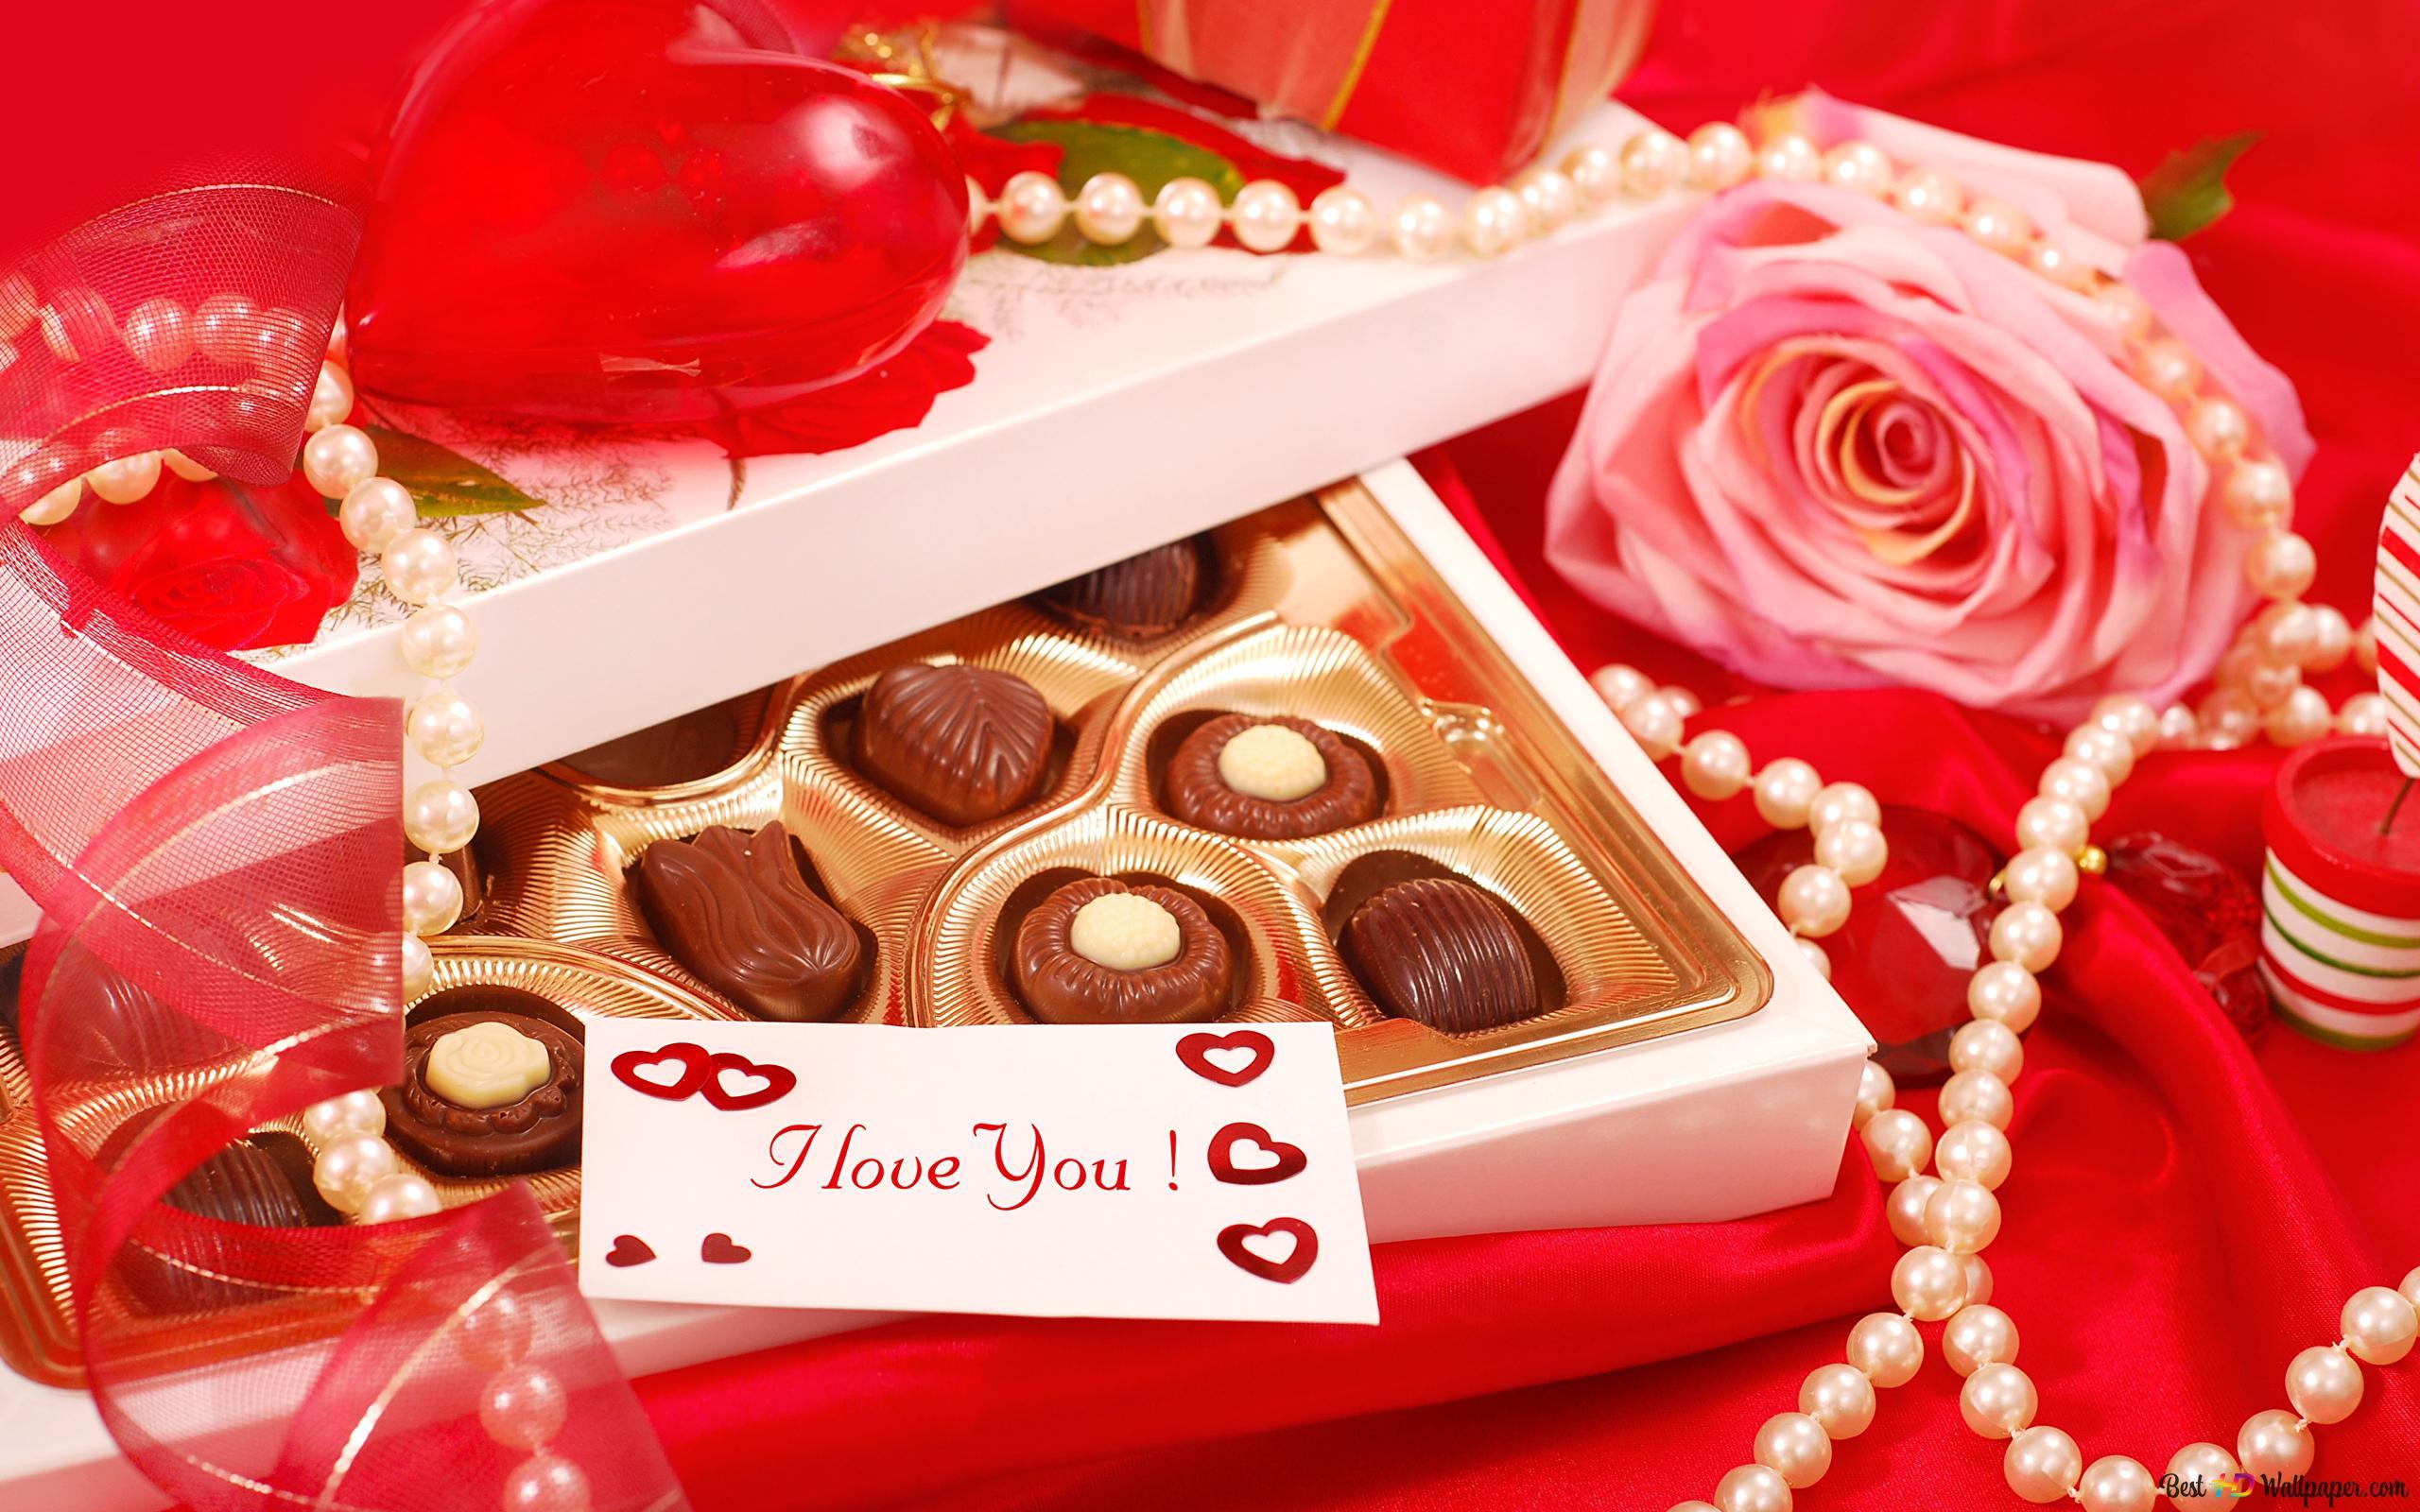 バレンタインデー 愛ノートとチョコレート Hd壁紙のダウンロード